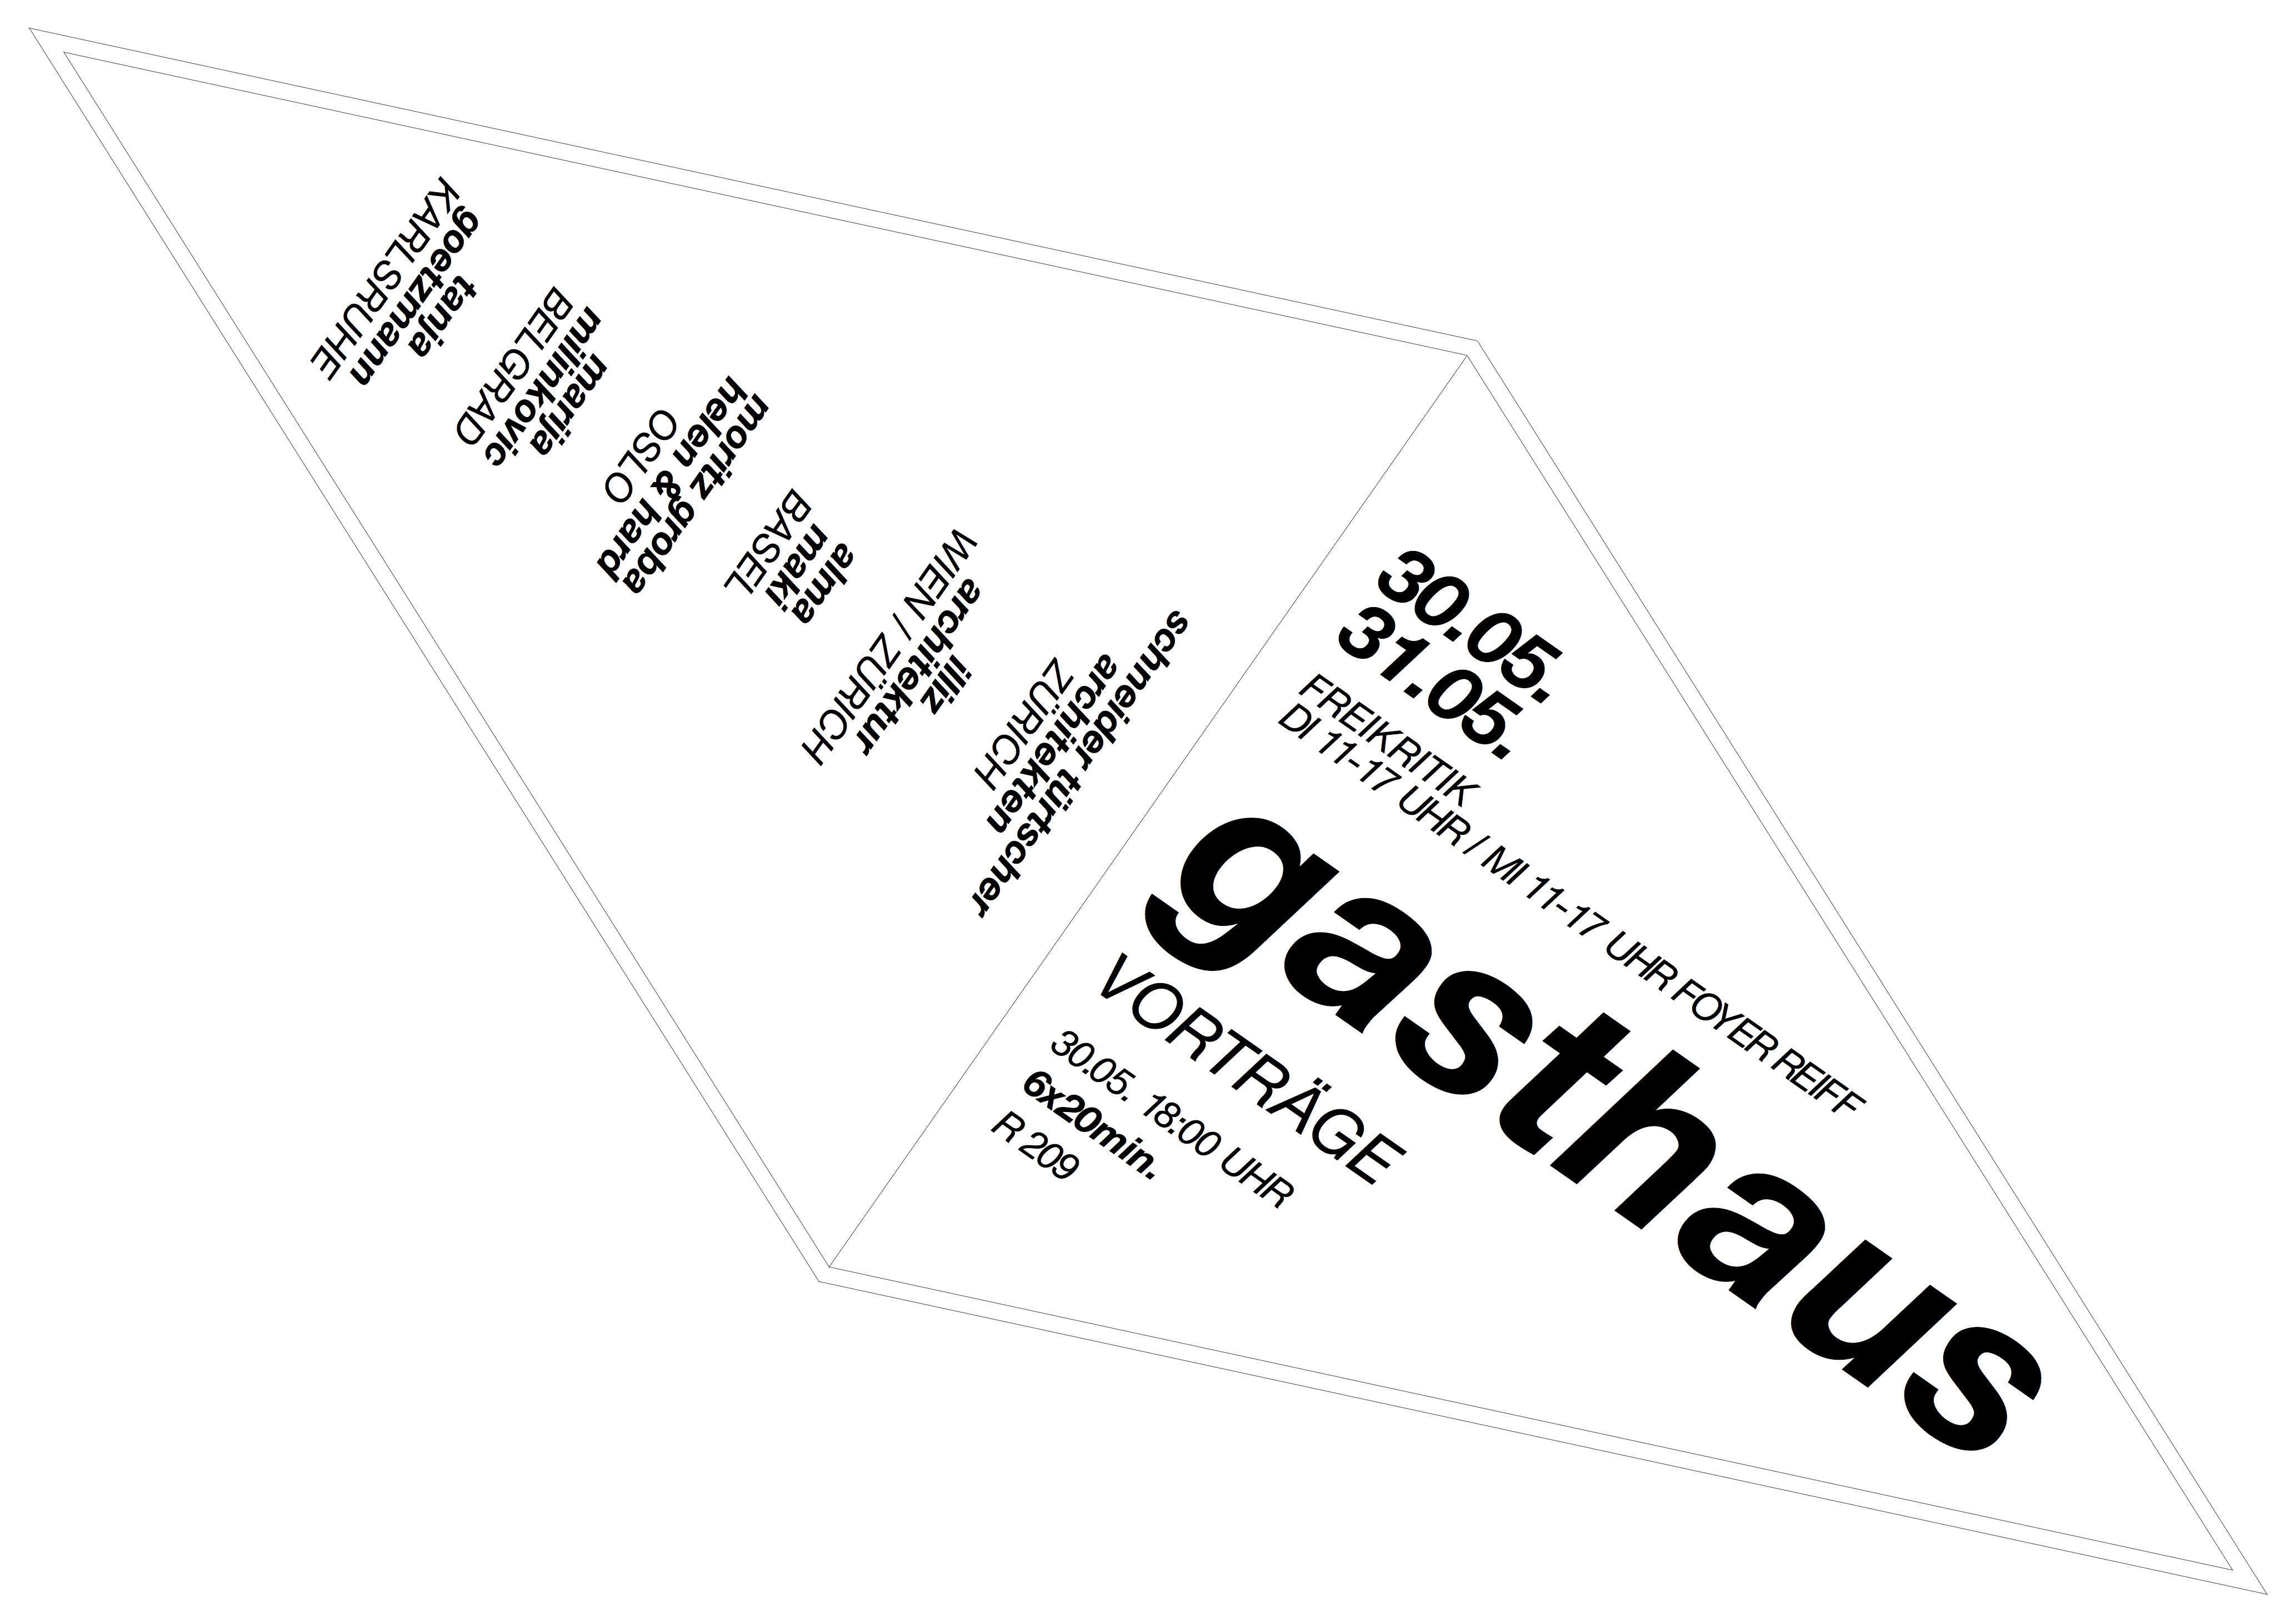 Raumgestaltung rwth gasthaus 2017 offene for Raumgestaltung 2017